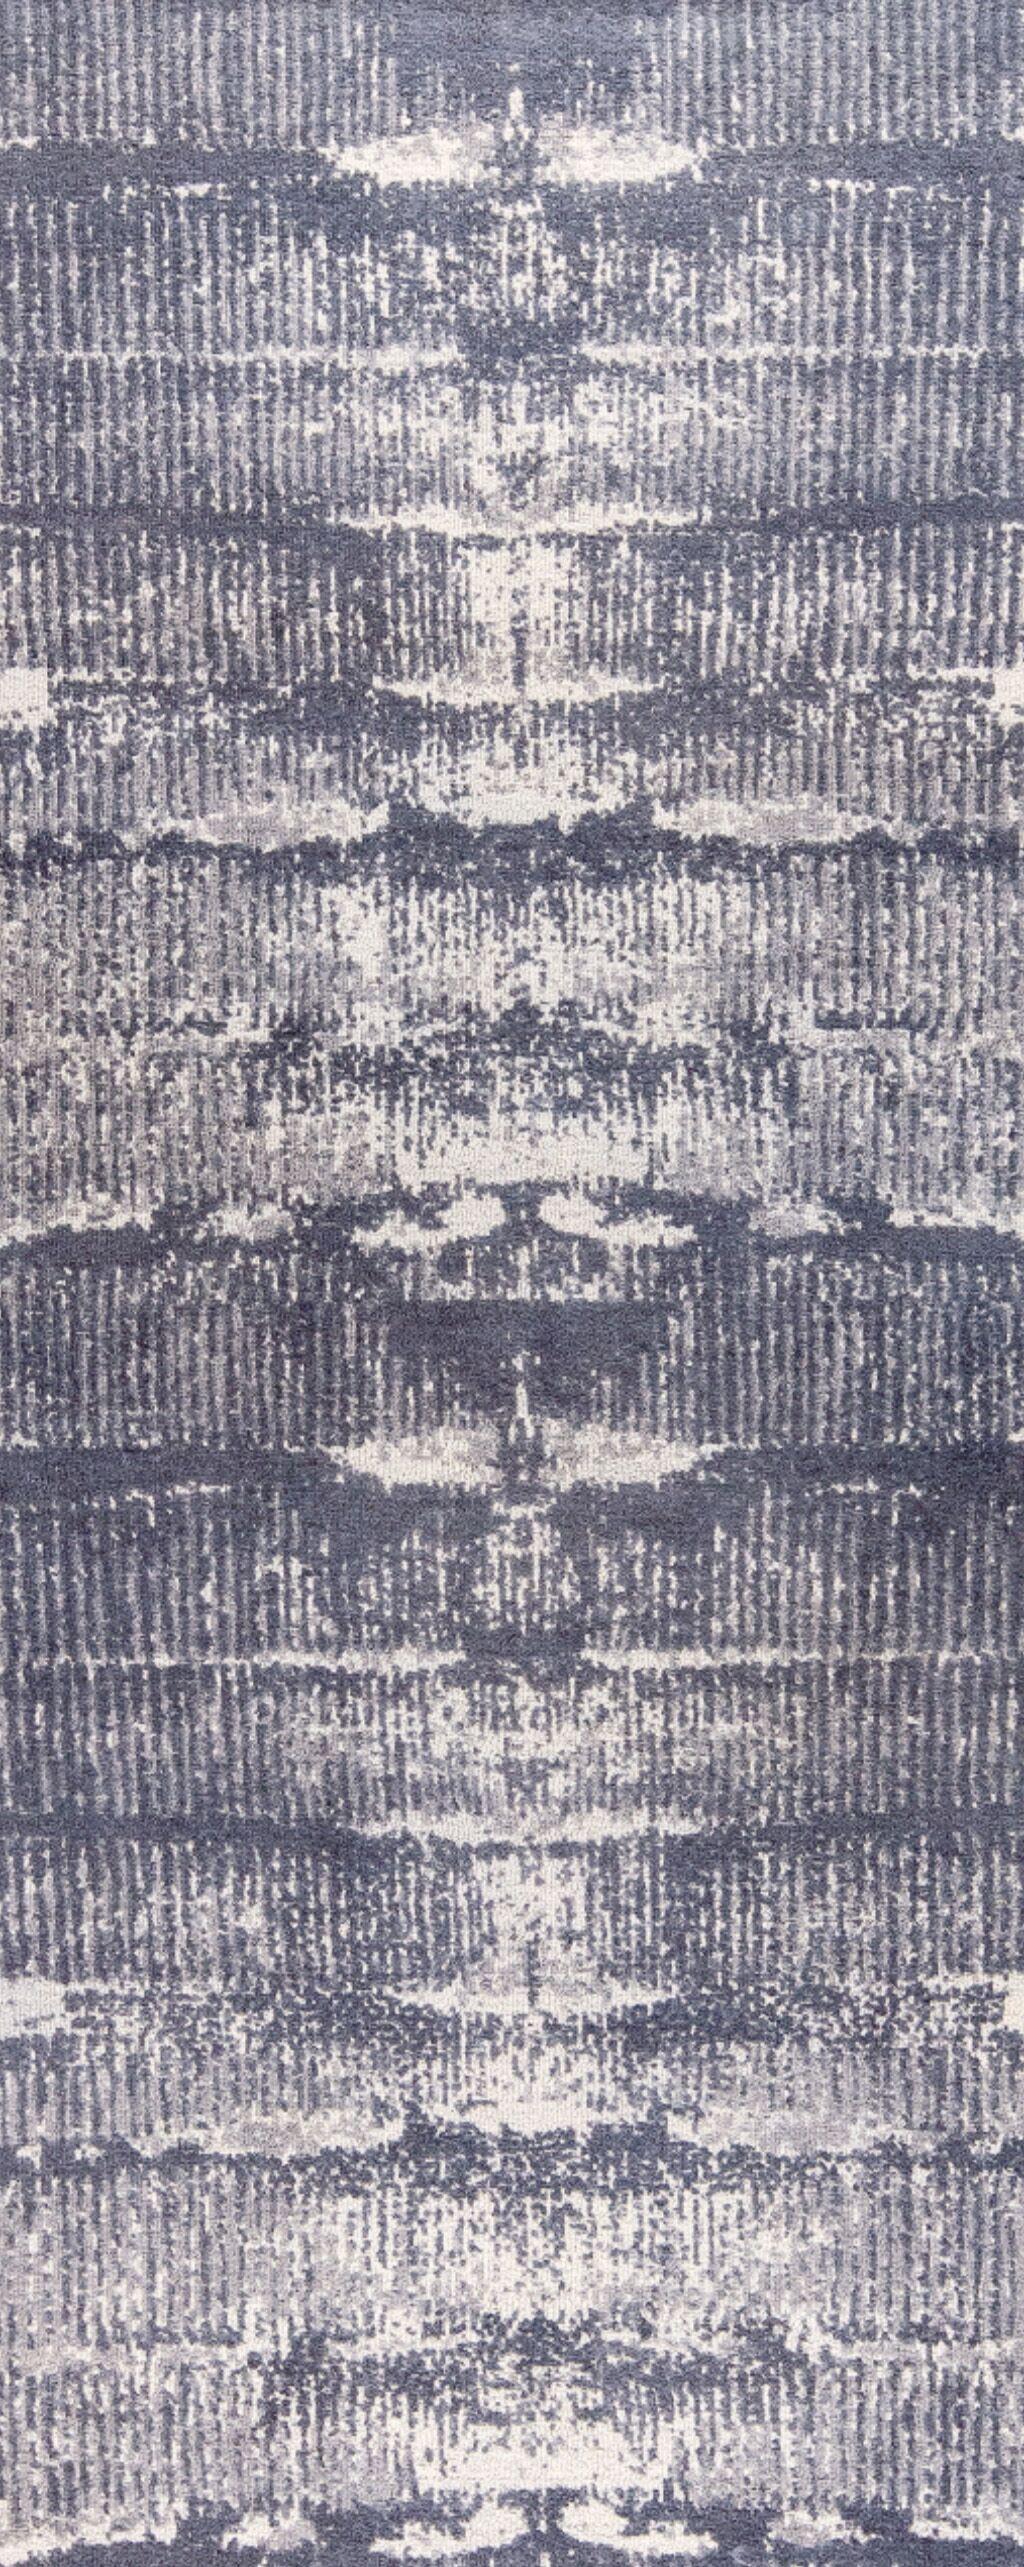 Jackson Hand-Woven Gray Area Rug Rug Size: 5' x 8'